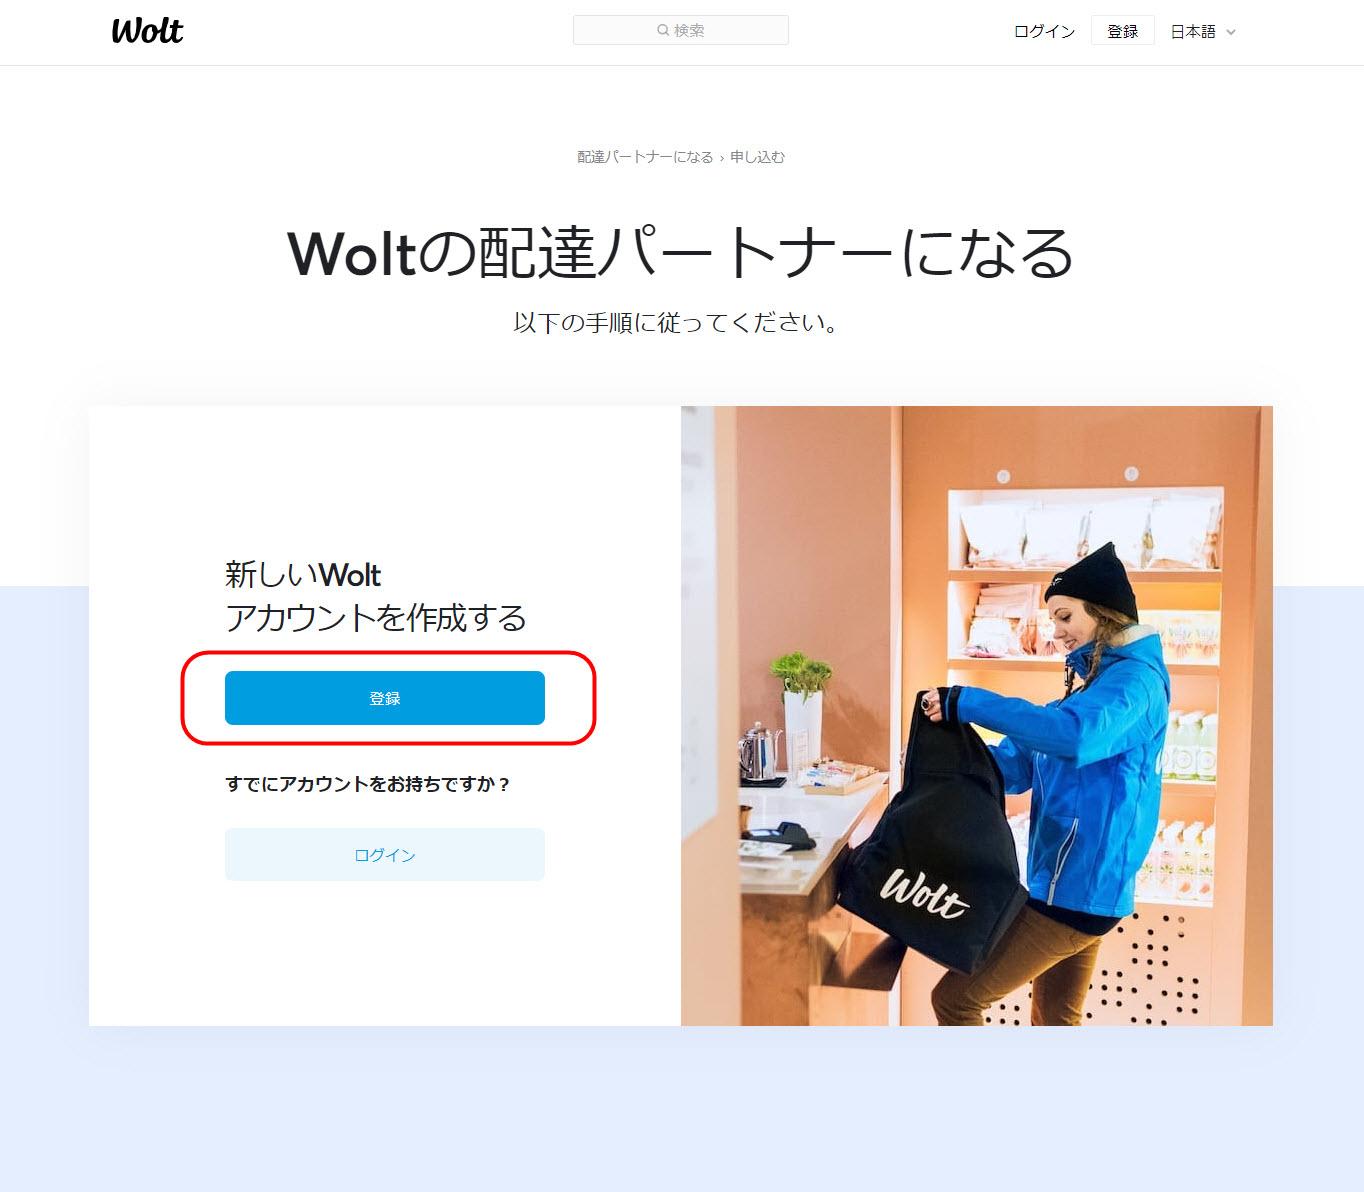 Woltとは Wolt ウォルトとは ウォルト 始め方 登録方法 配達パートナー 配達員 注文方法 頼み方 サービスエリア 配達エリア 地域 範囲 拡大予定 支払い方法 注文の仕方 注文の流れ 東京